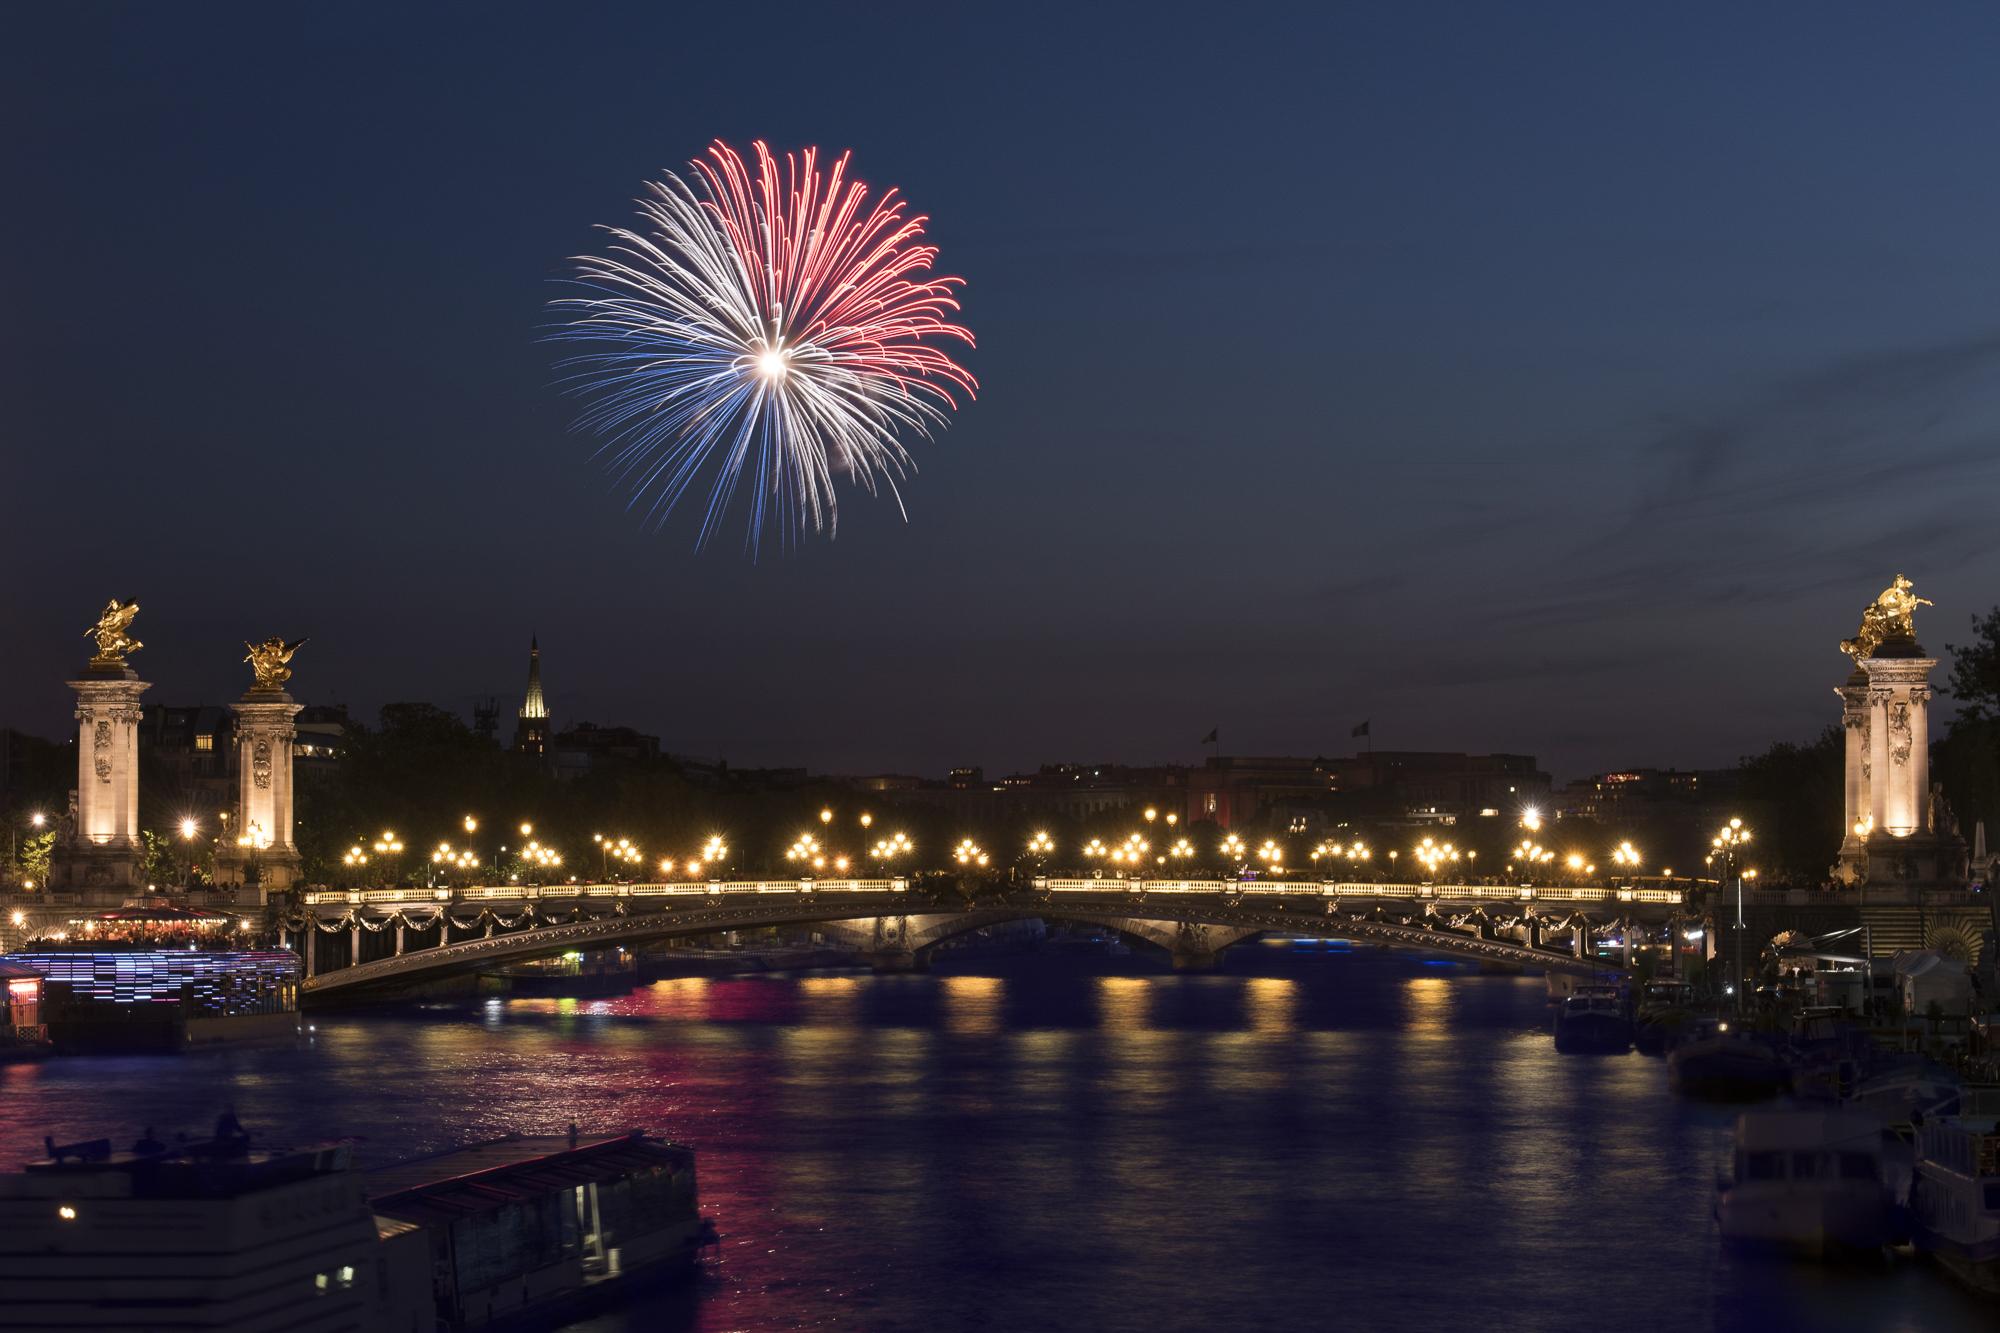 Bastille Day - Paris PHOTOGRAPHY: ALEXANDER J.E. BRADLEY • NIKON D500 • AF-S NIKKOR 24-70mm Ƒ/2.8G ED @ 45MM • Ƒ/11 • 5sec • ISO 100